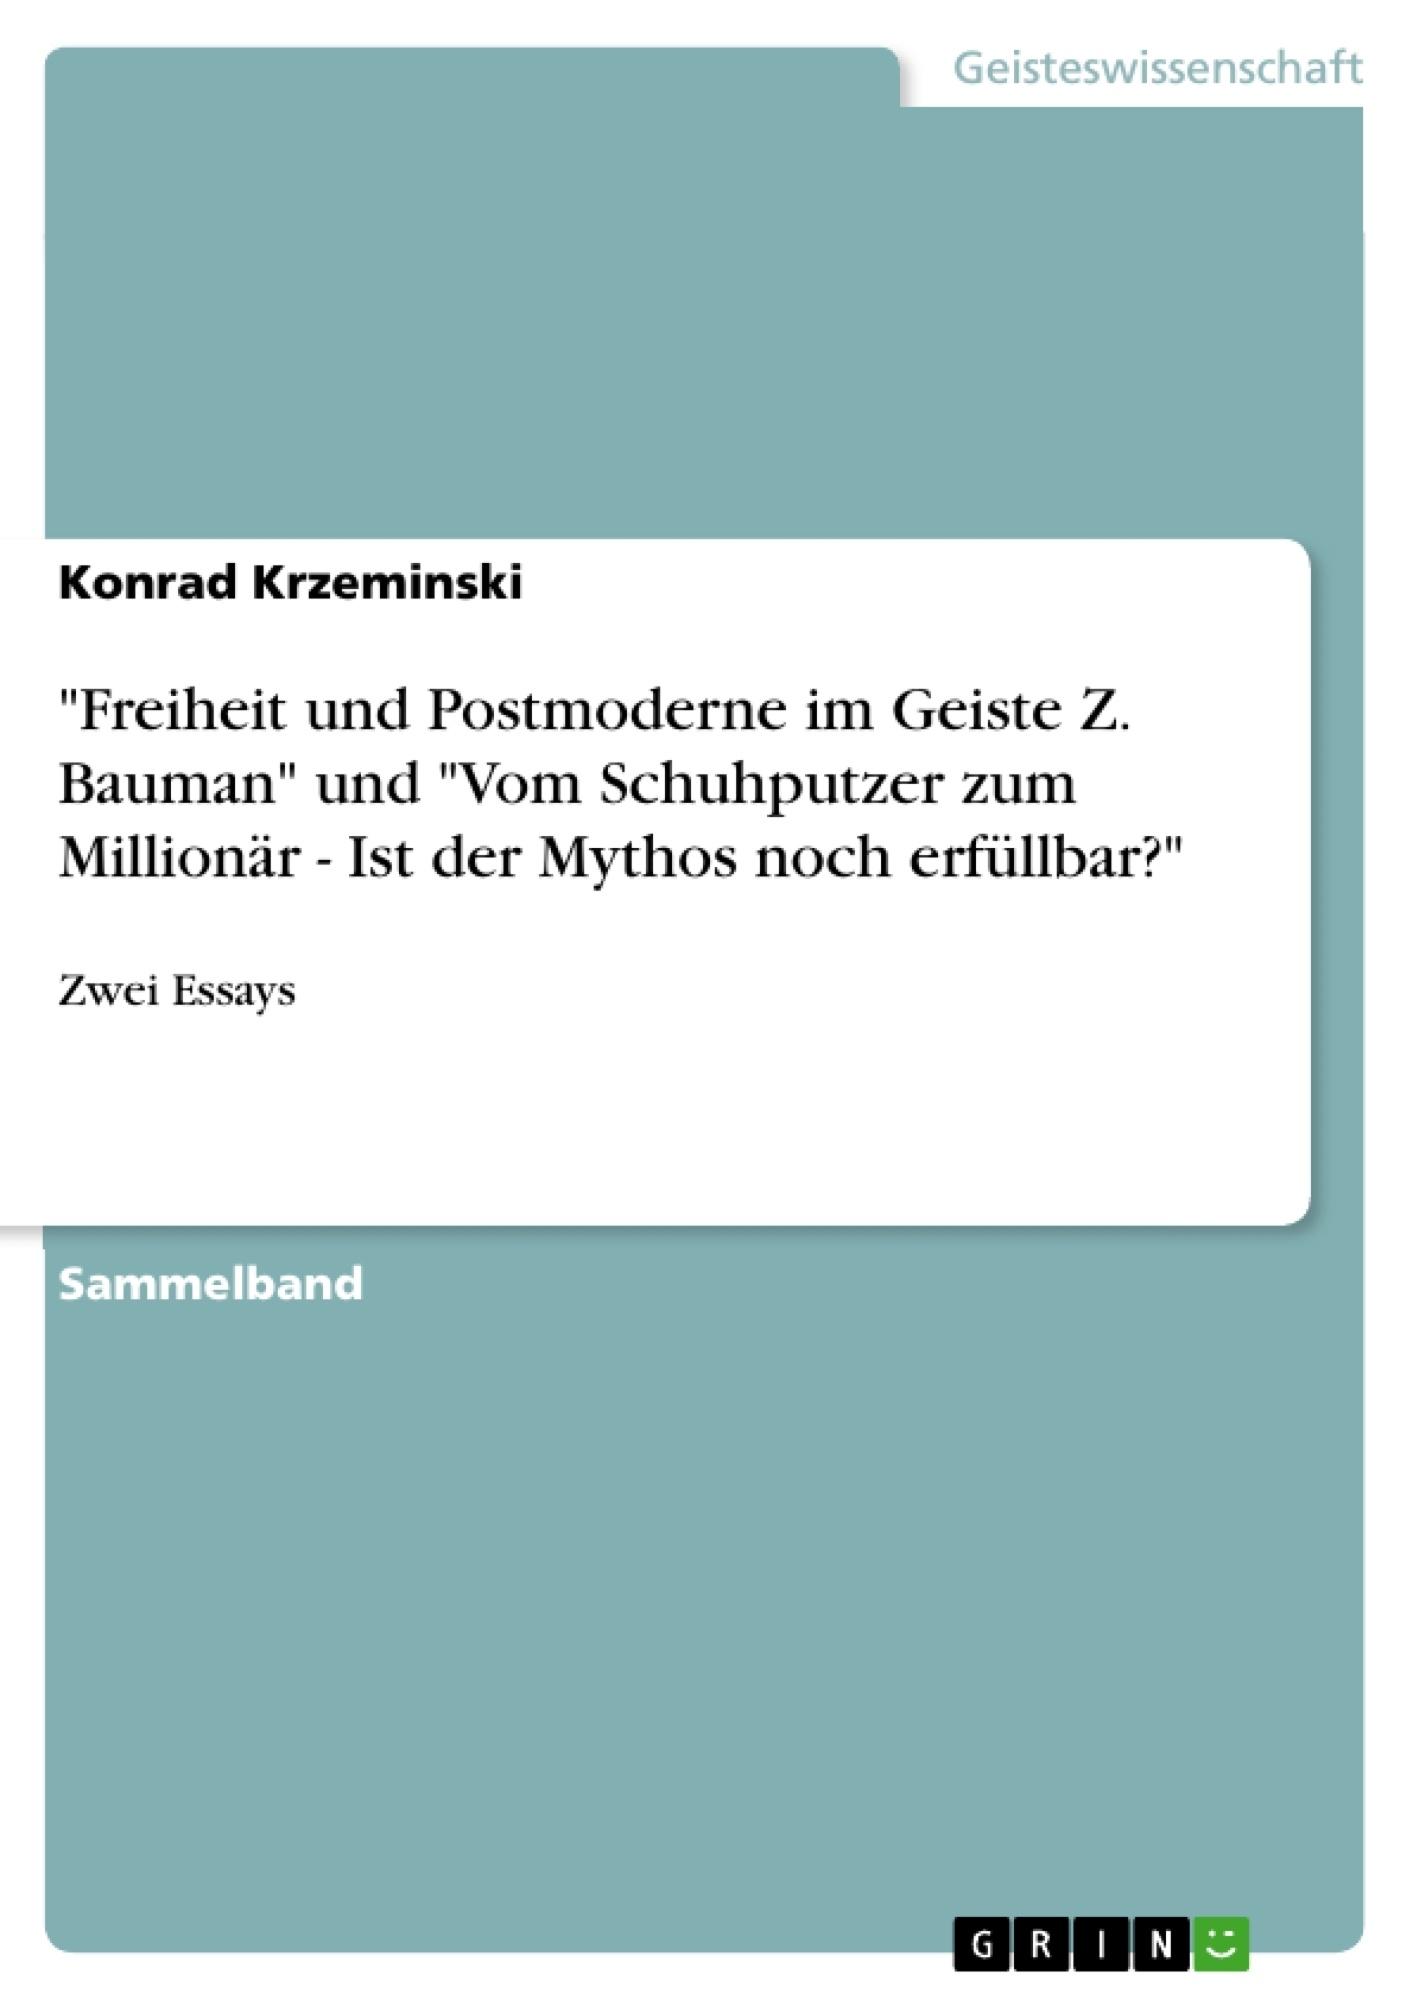 """Titel: """"Freiheit und Postmoderne im Geiste Z. Bauman"""" und """"Vom Schuhputzer zum Millionär - Ist der Mythos noch erfüllbar?"""""""